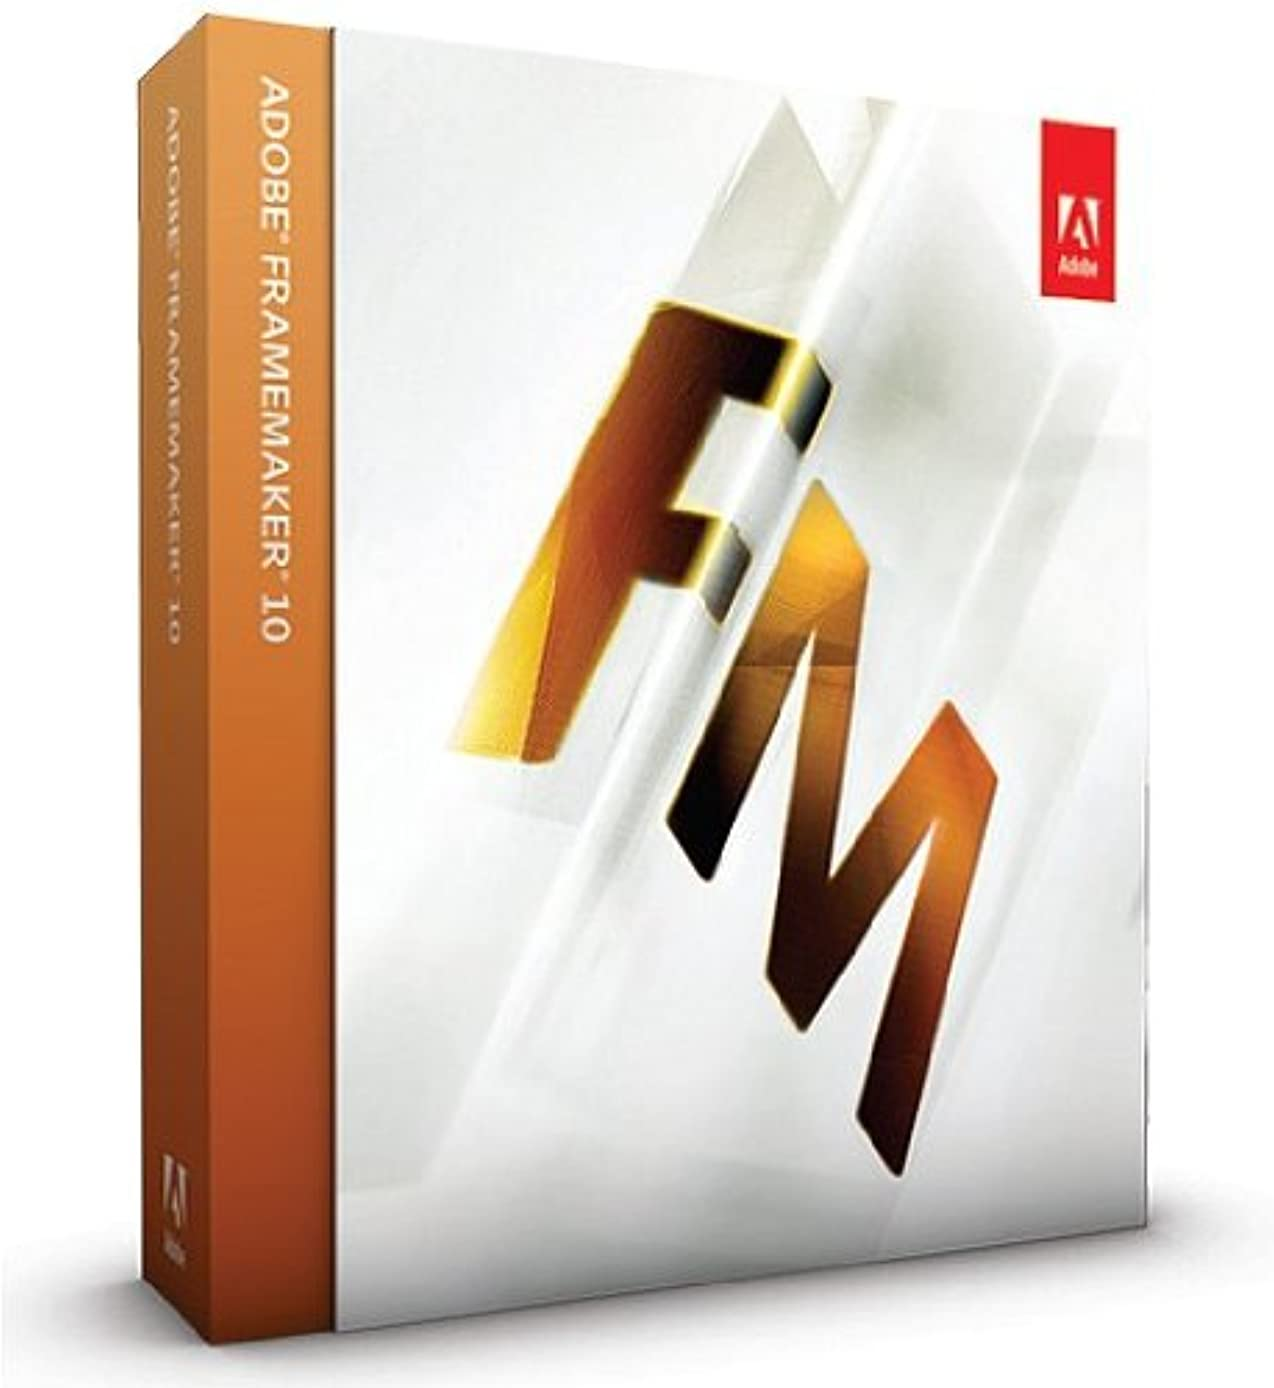 ゲインセイ損失靴下Adobe FrameMaker 10.0 日本語版 Windows版 (旧価格品)